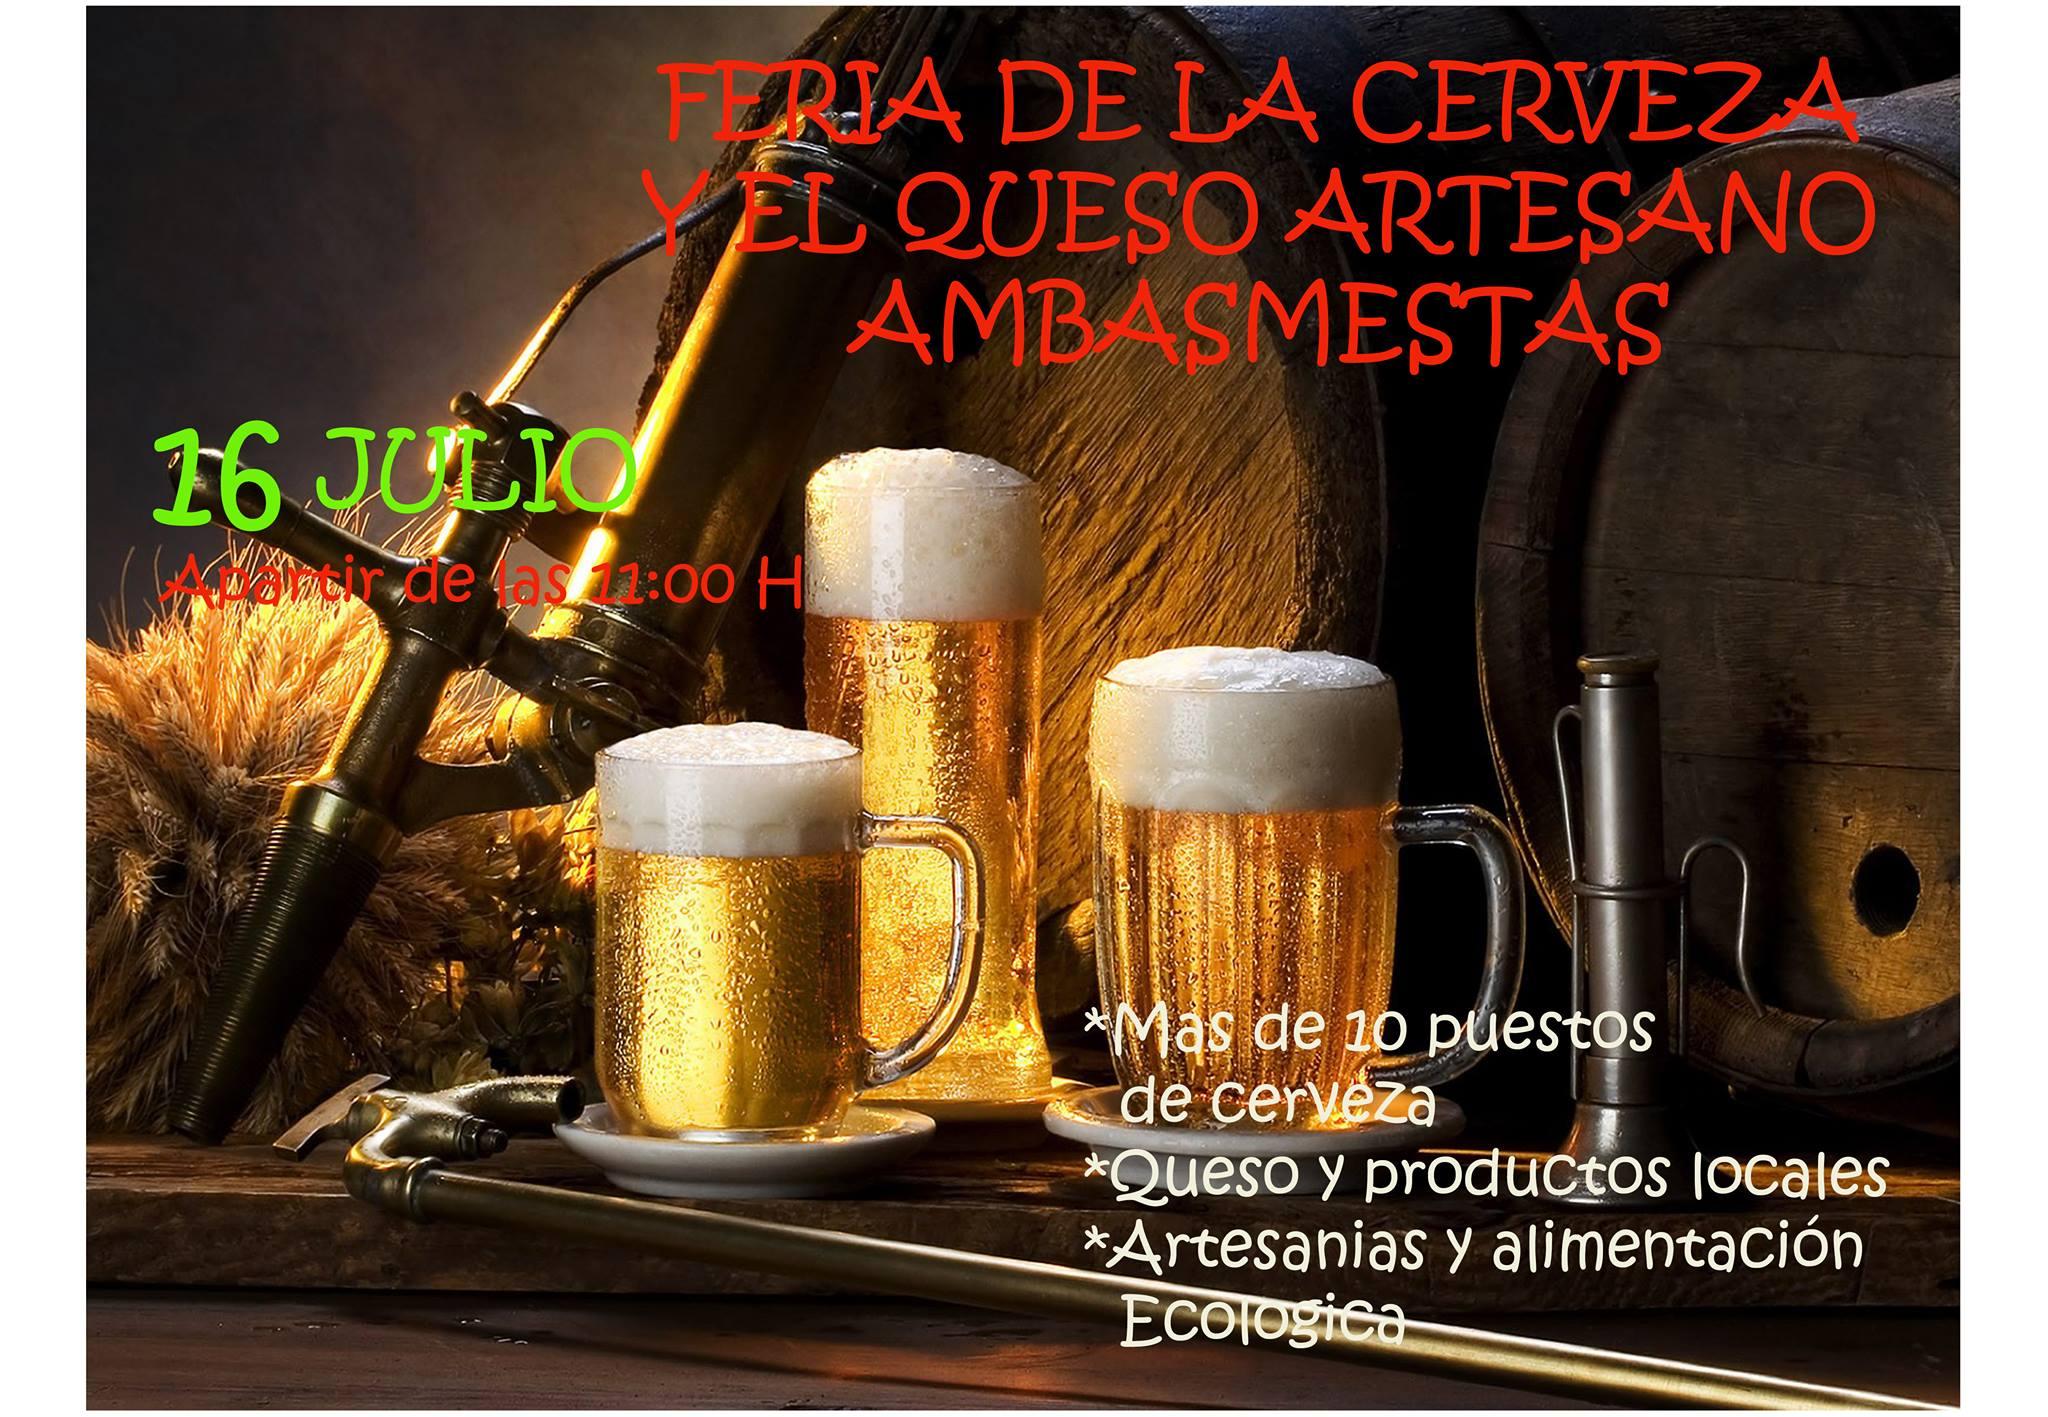 Feria De Cerveza Artesana Y Queso en Ambasmestas 1